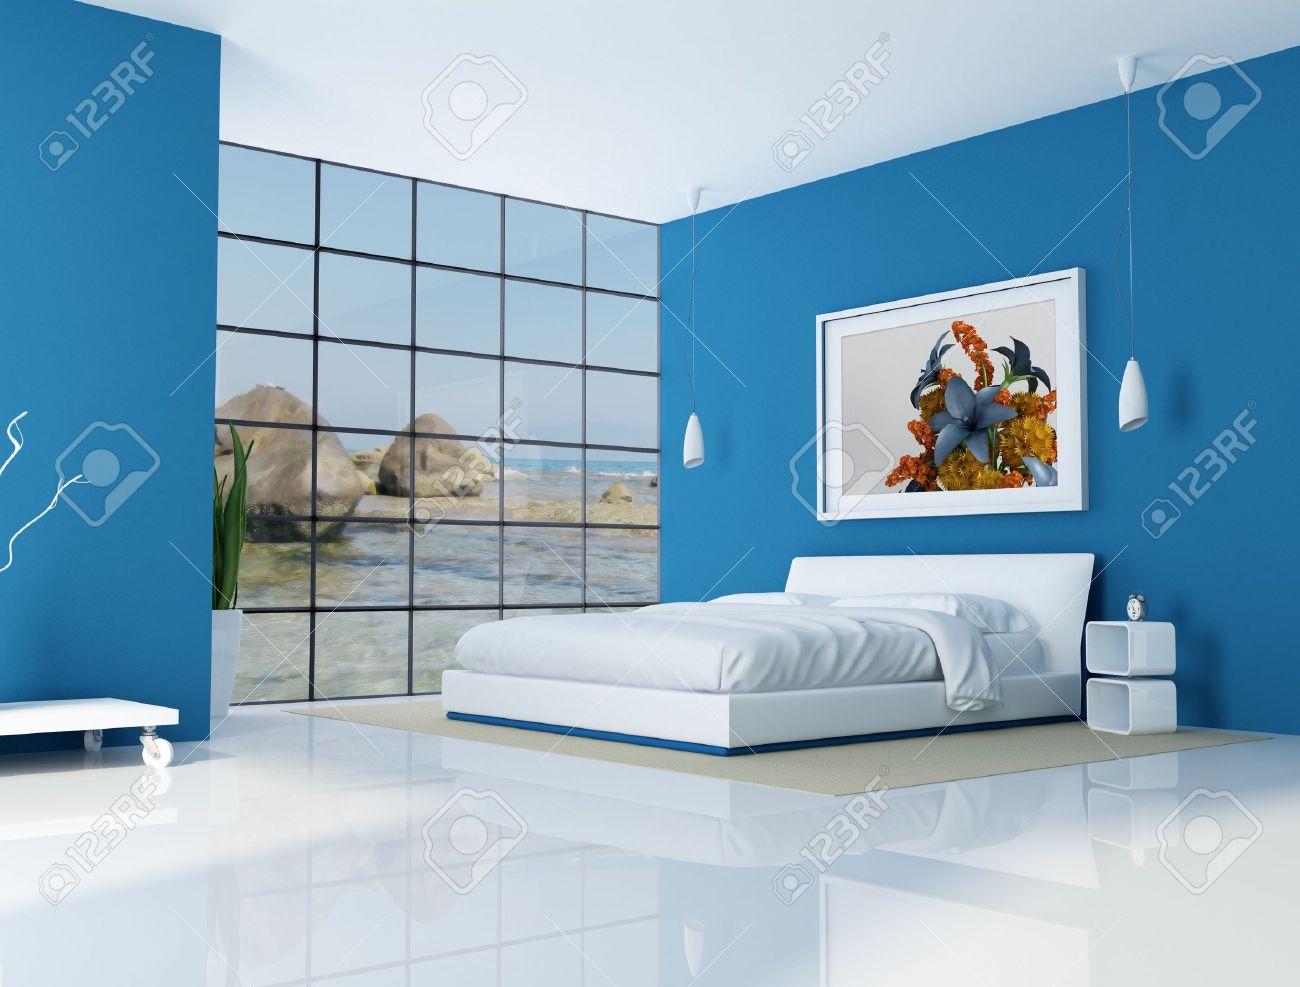 blau schlafzimmer strand villa - rendering - das kunst-bild auf, Wohnzimmer dekoo